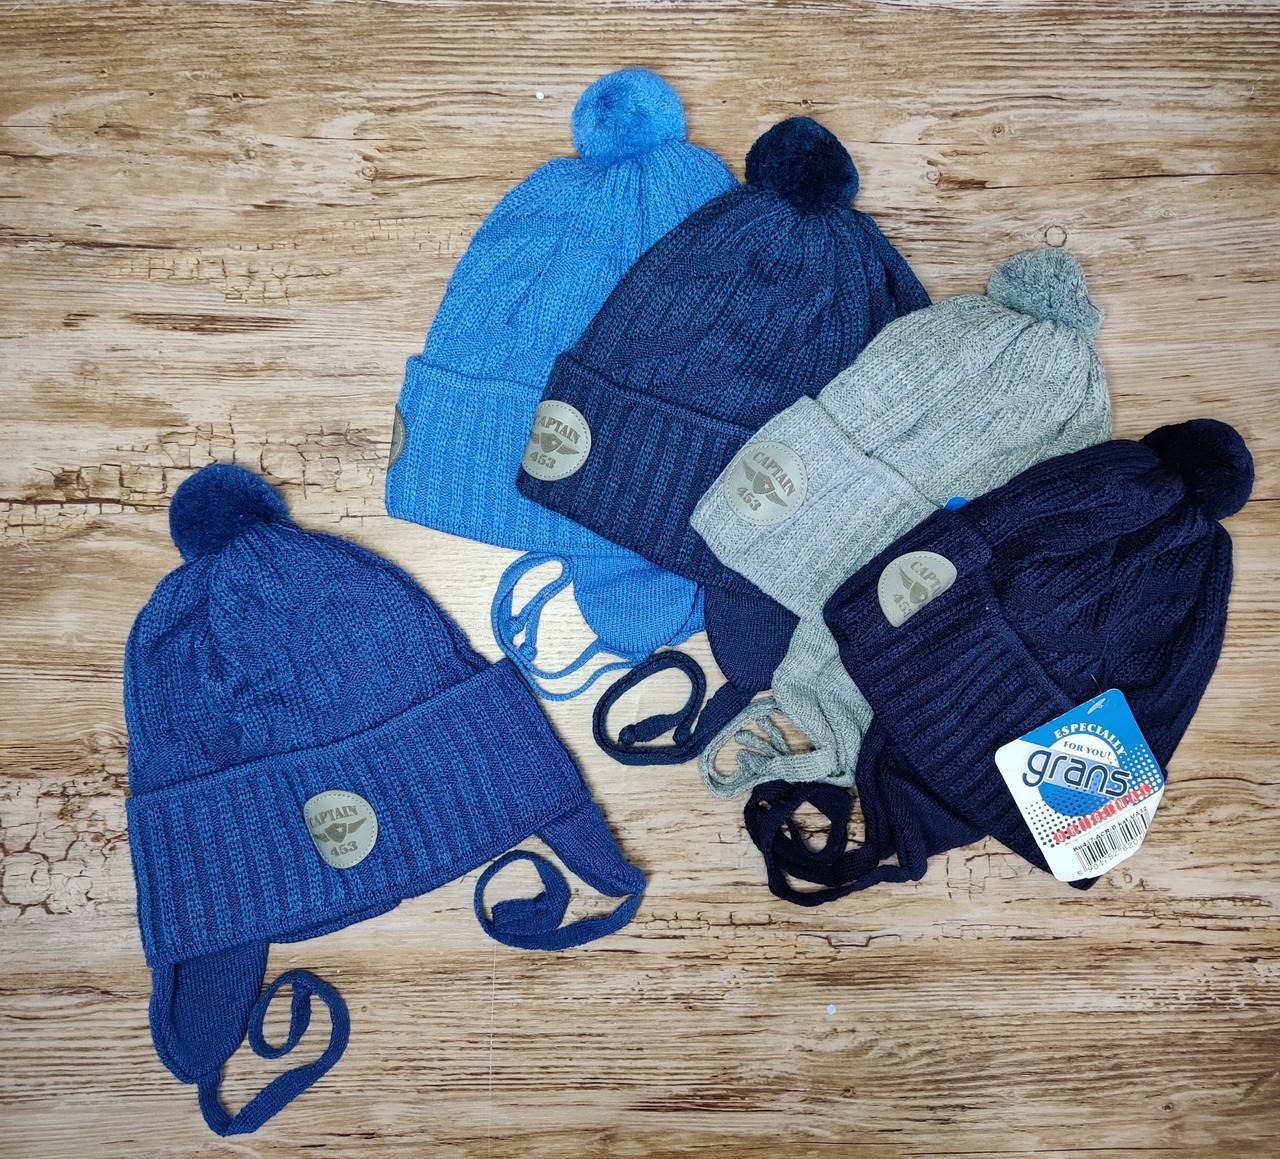 Осеняя шапка для мальчика на завязках   Размер 44-46 см Возраст 6-12 месяцев